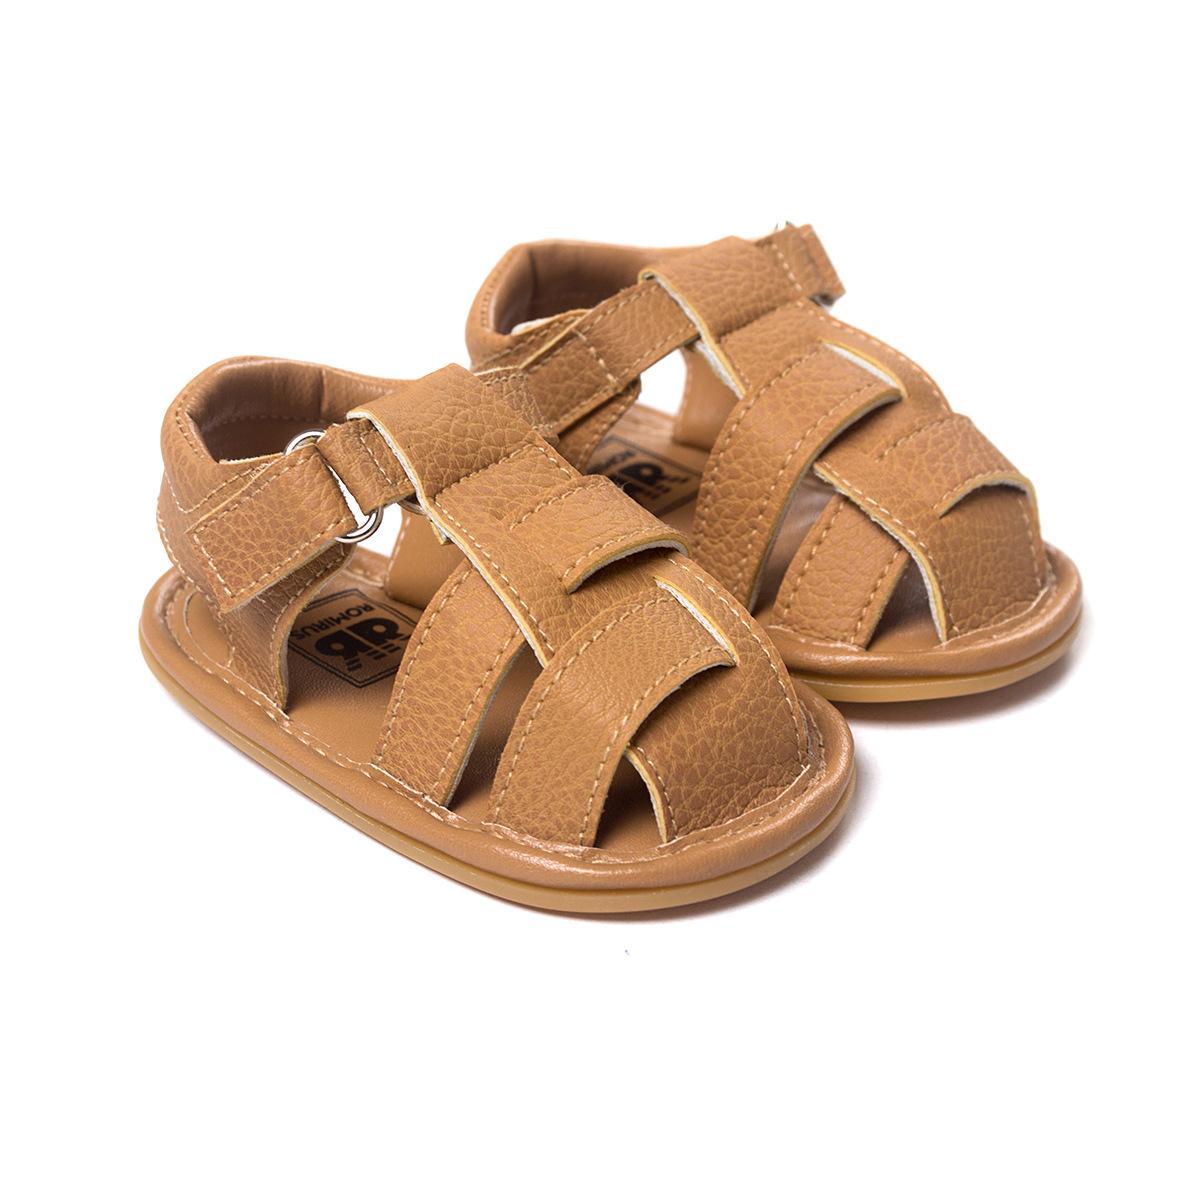 Sommar barn baby flickor pojke strand moccasins läder sandal första walker skor spädbarn prewalker toddler skor barn skor baby första wal